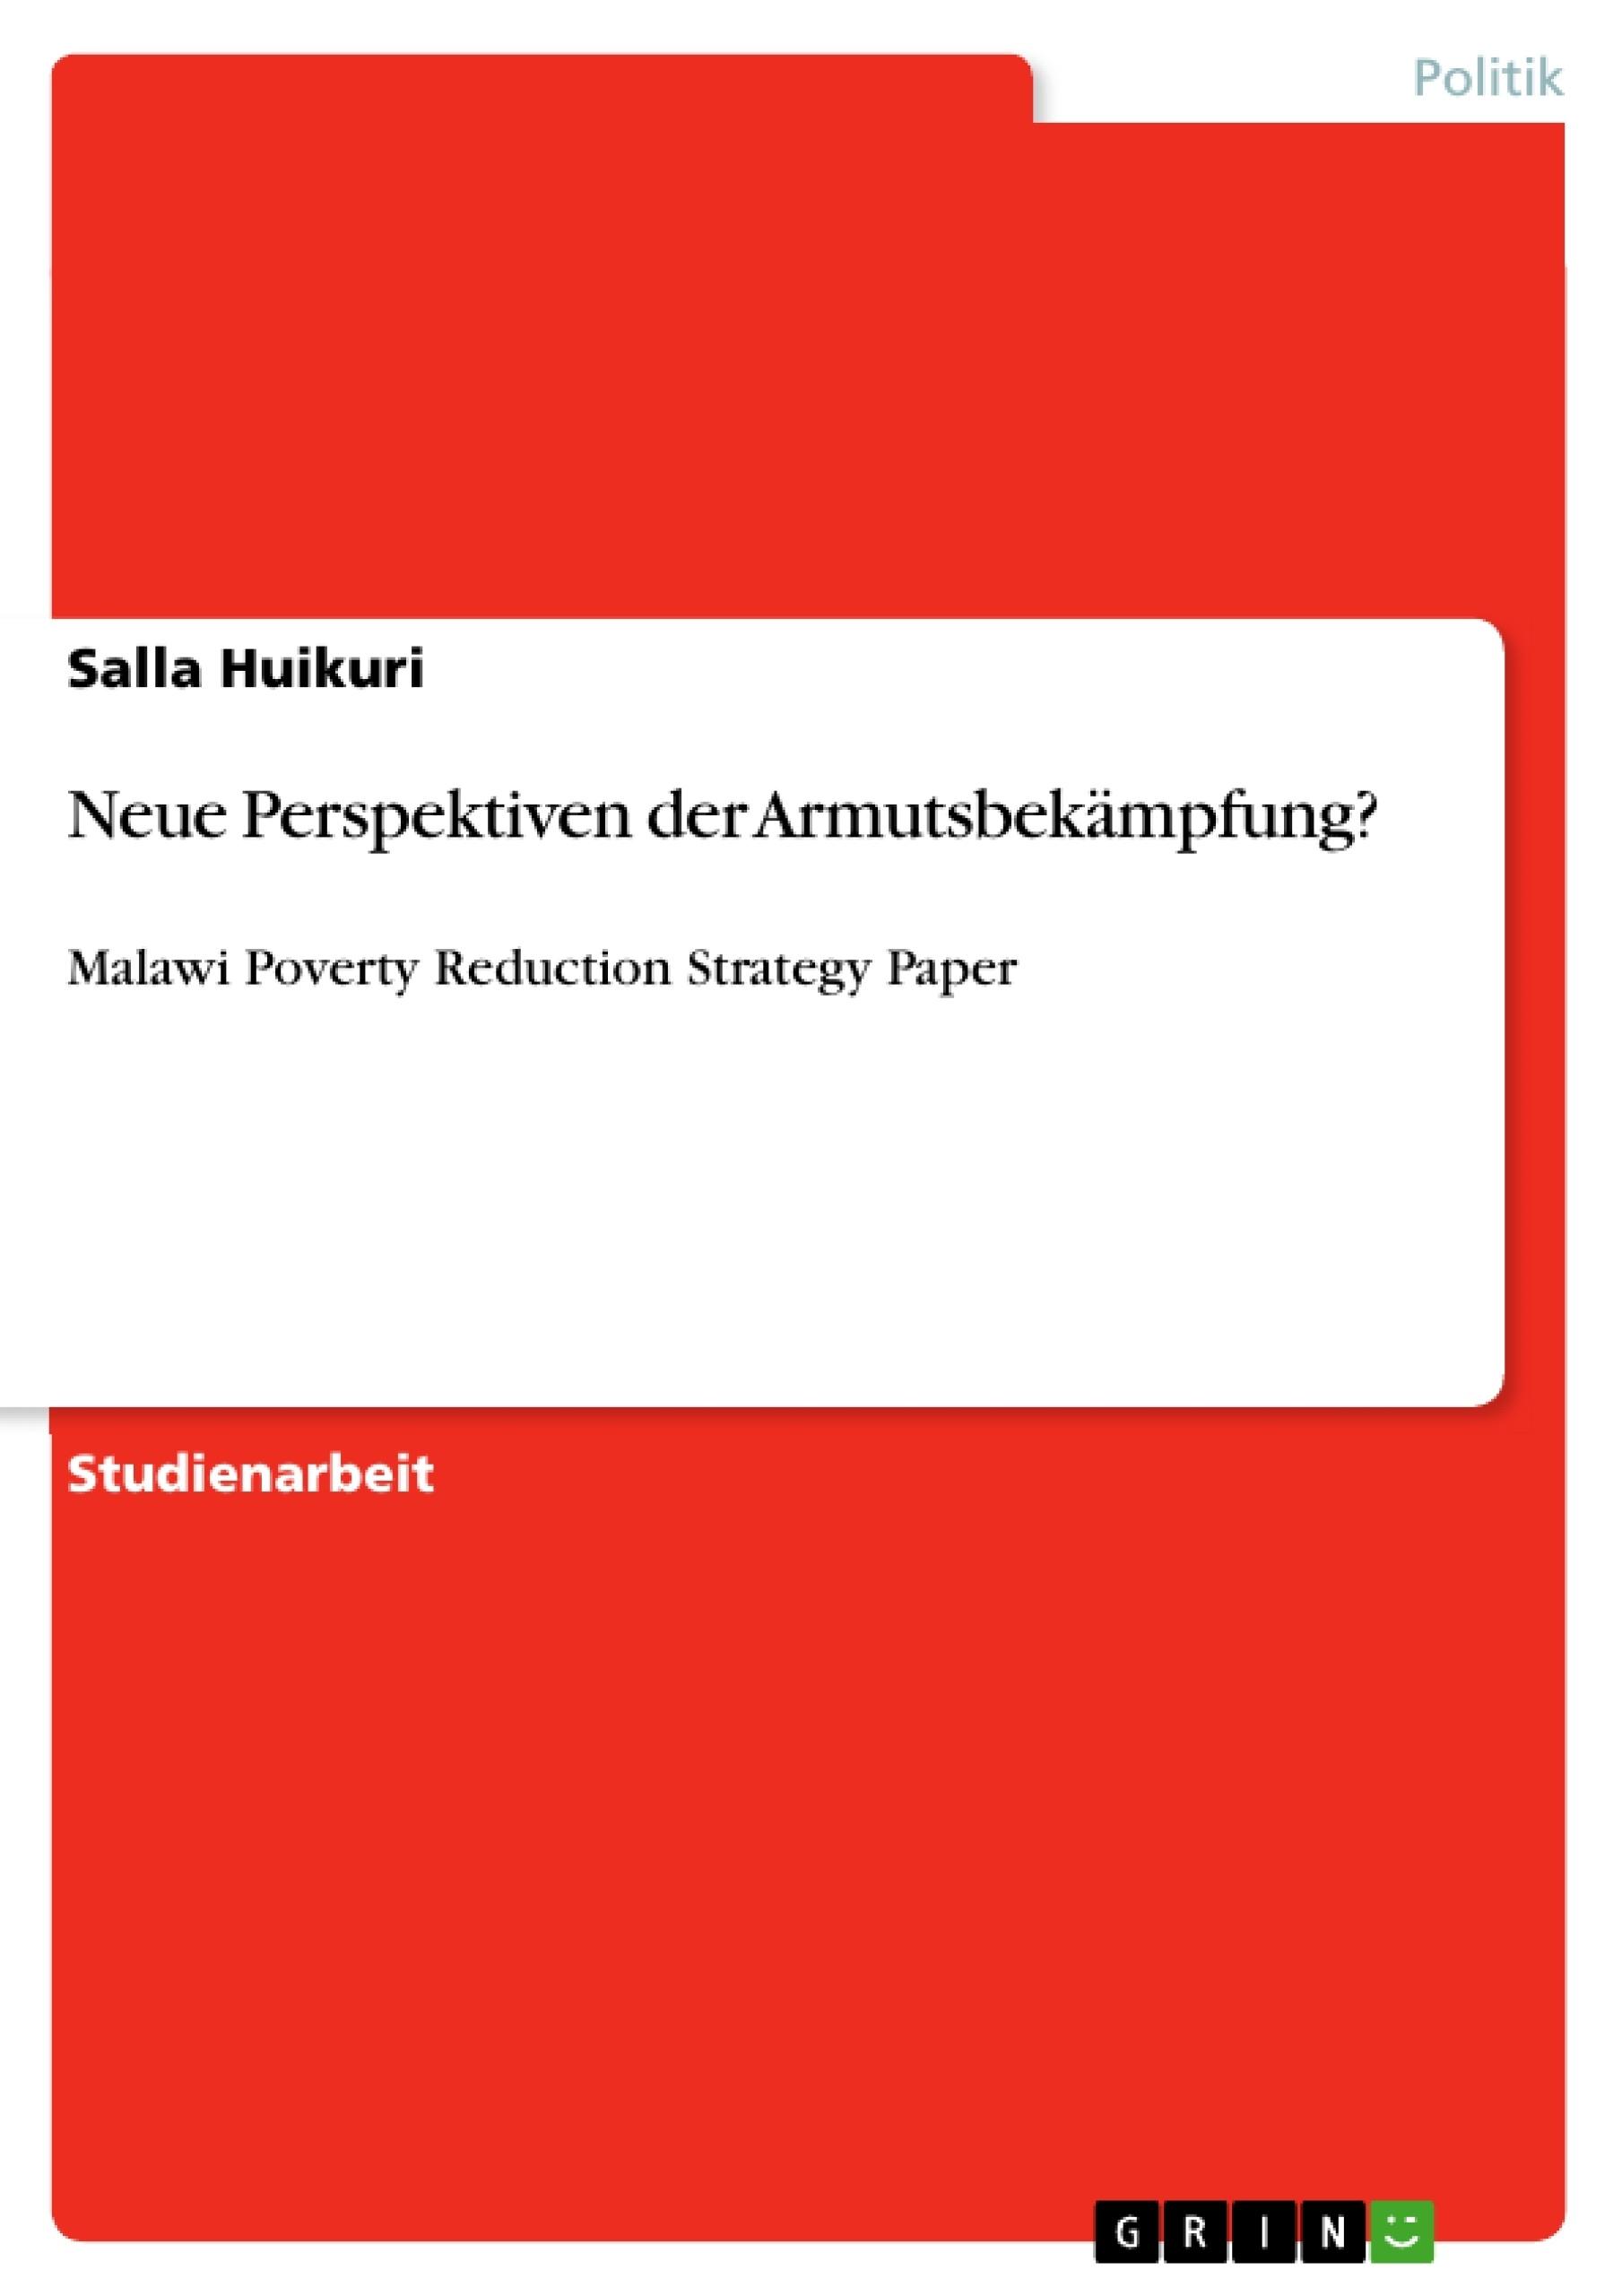 Titel: Neue Perspektiven der Armutsbekämpfung?